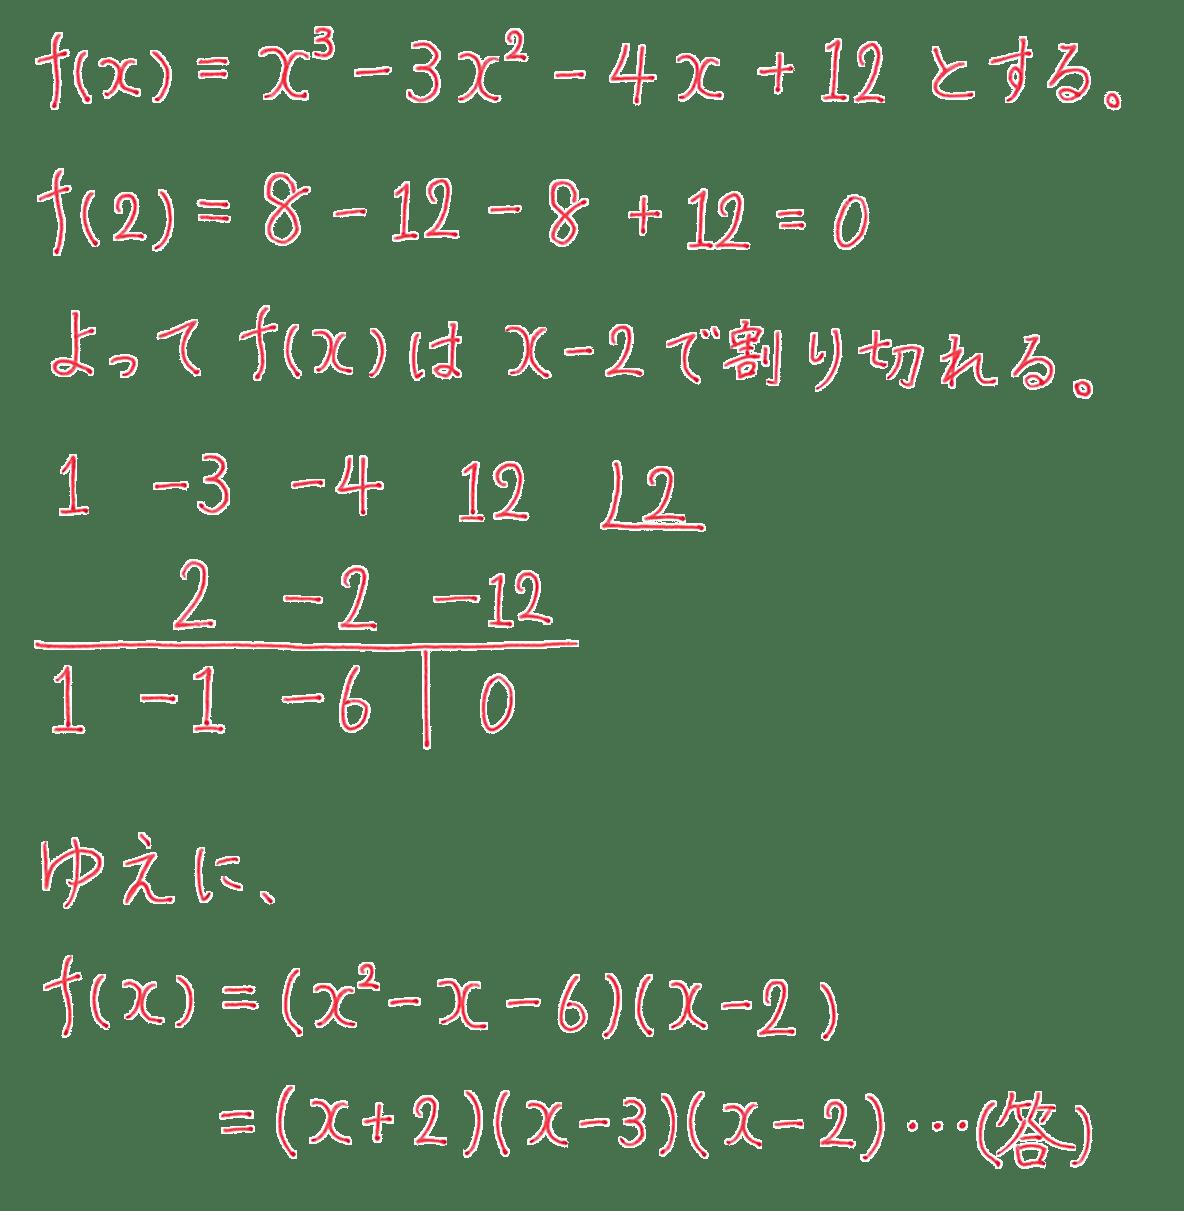 高校数学Ⅱ 式と証明15 練習 答え